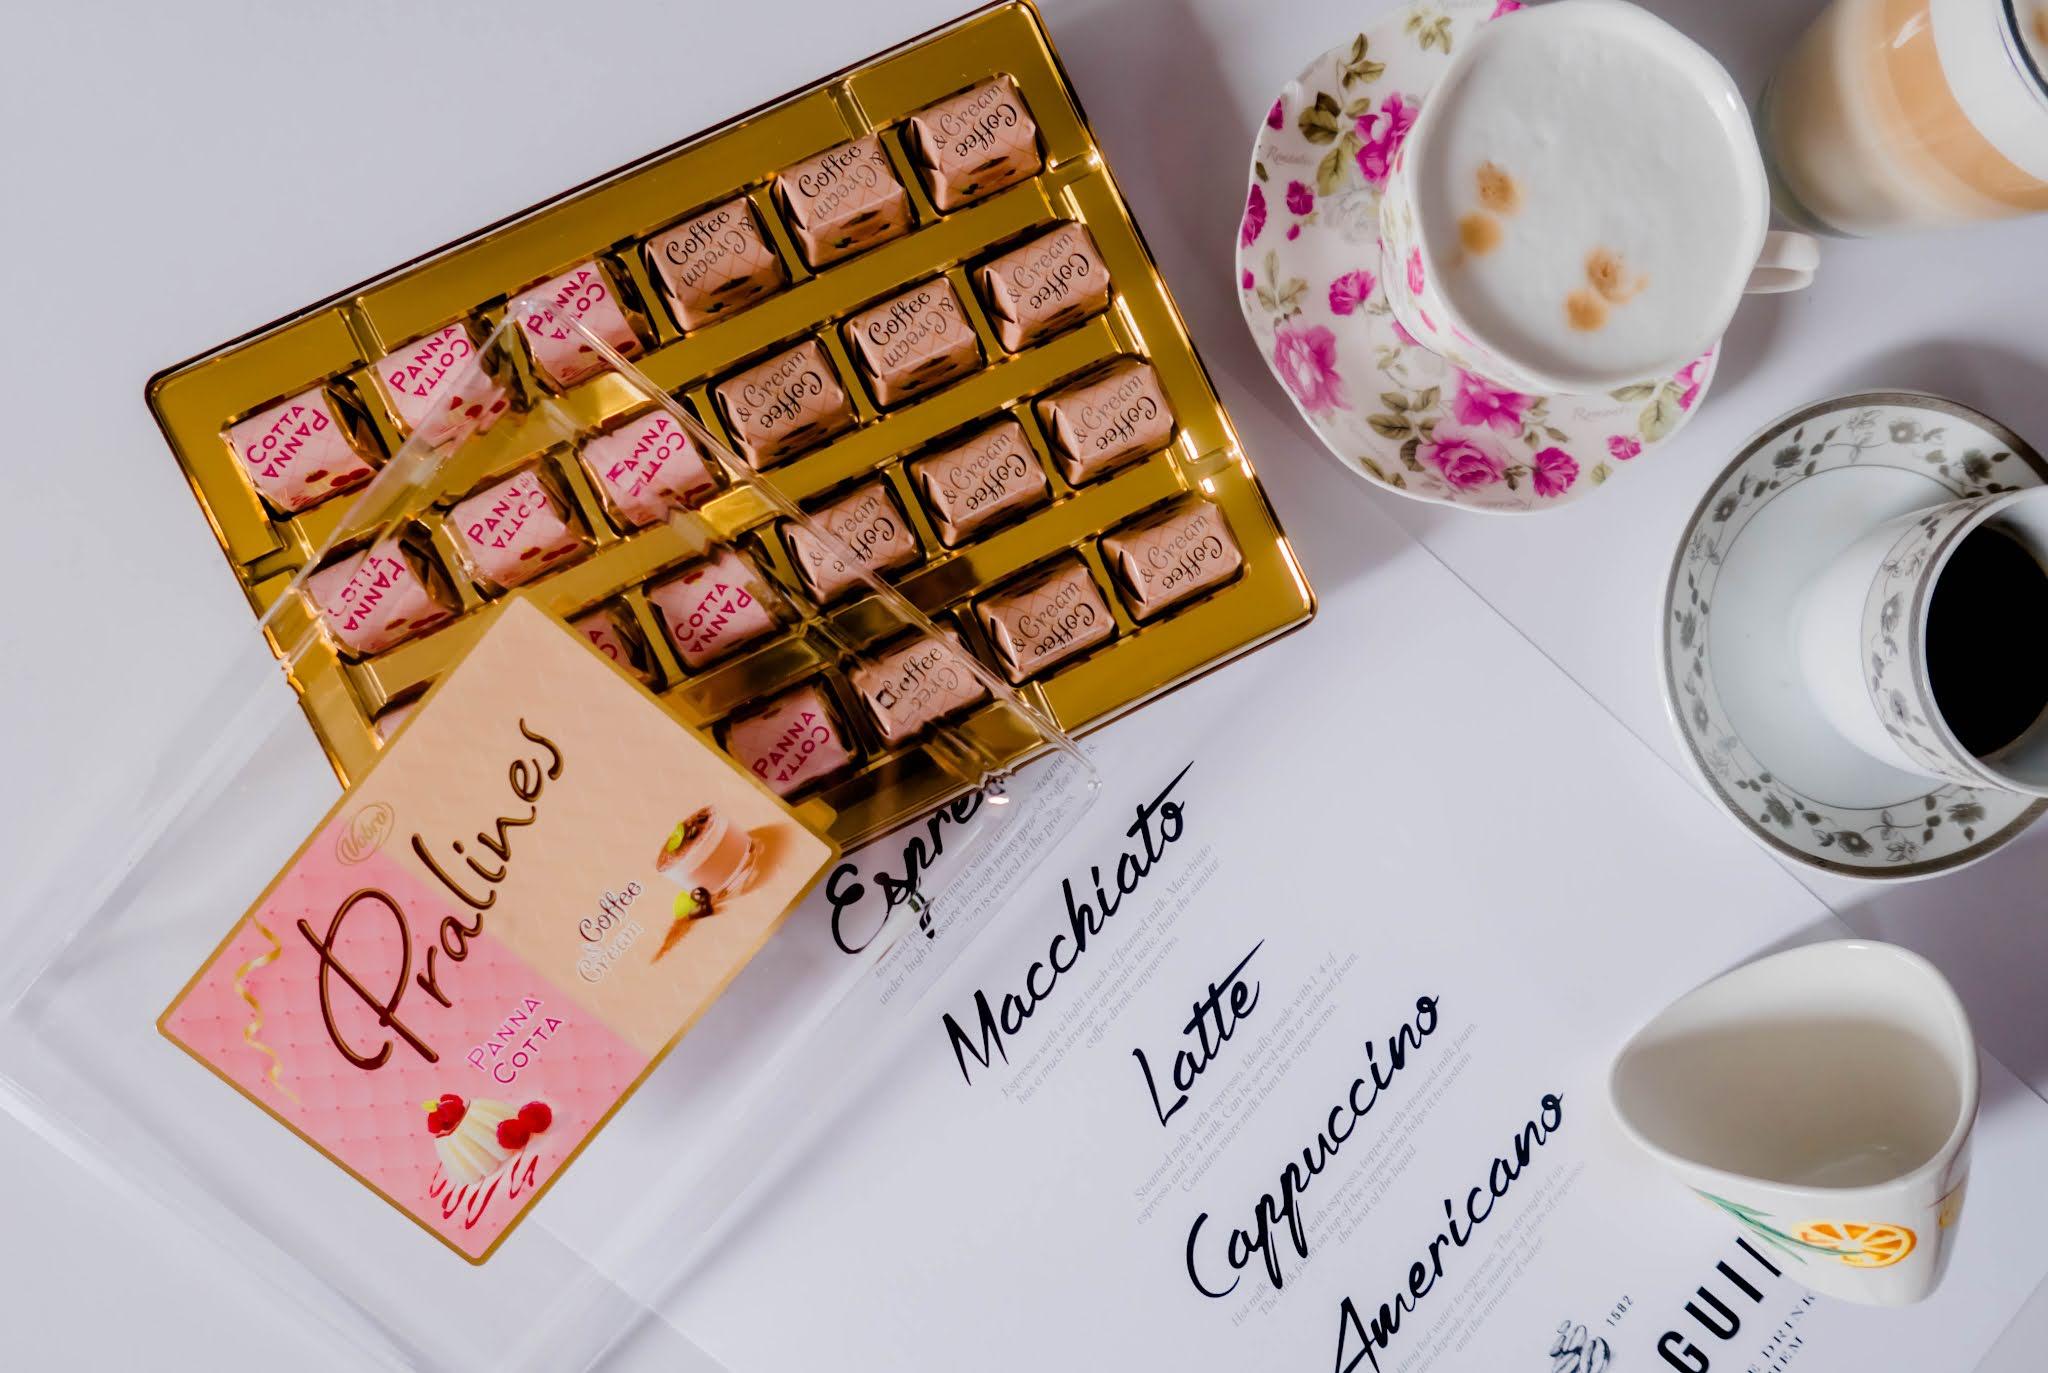 czekoladki o smaku włoskich deserów